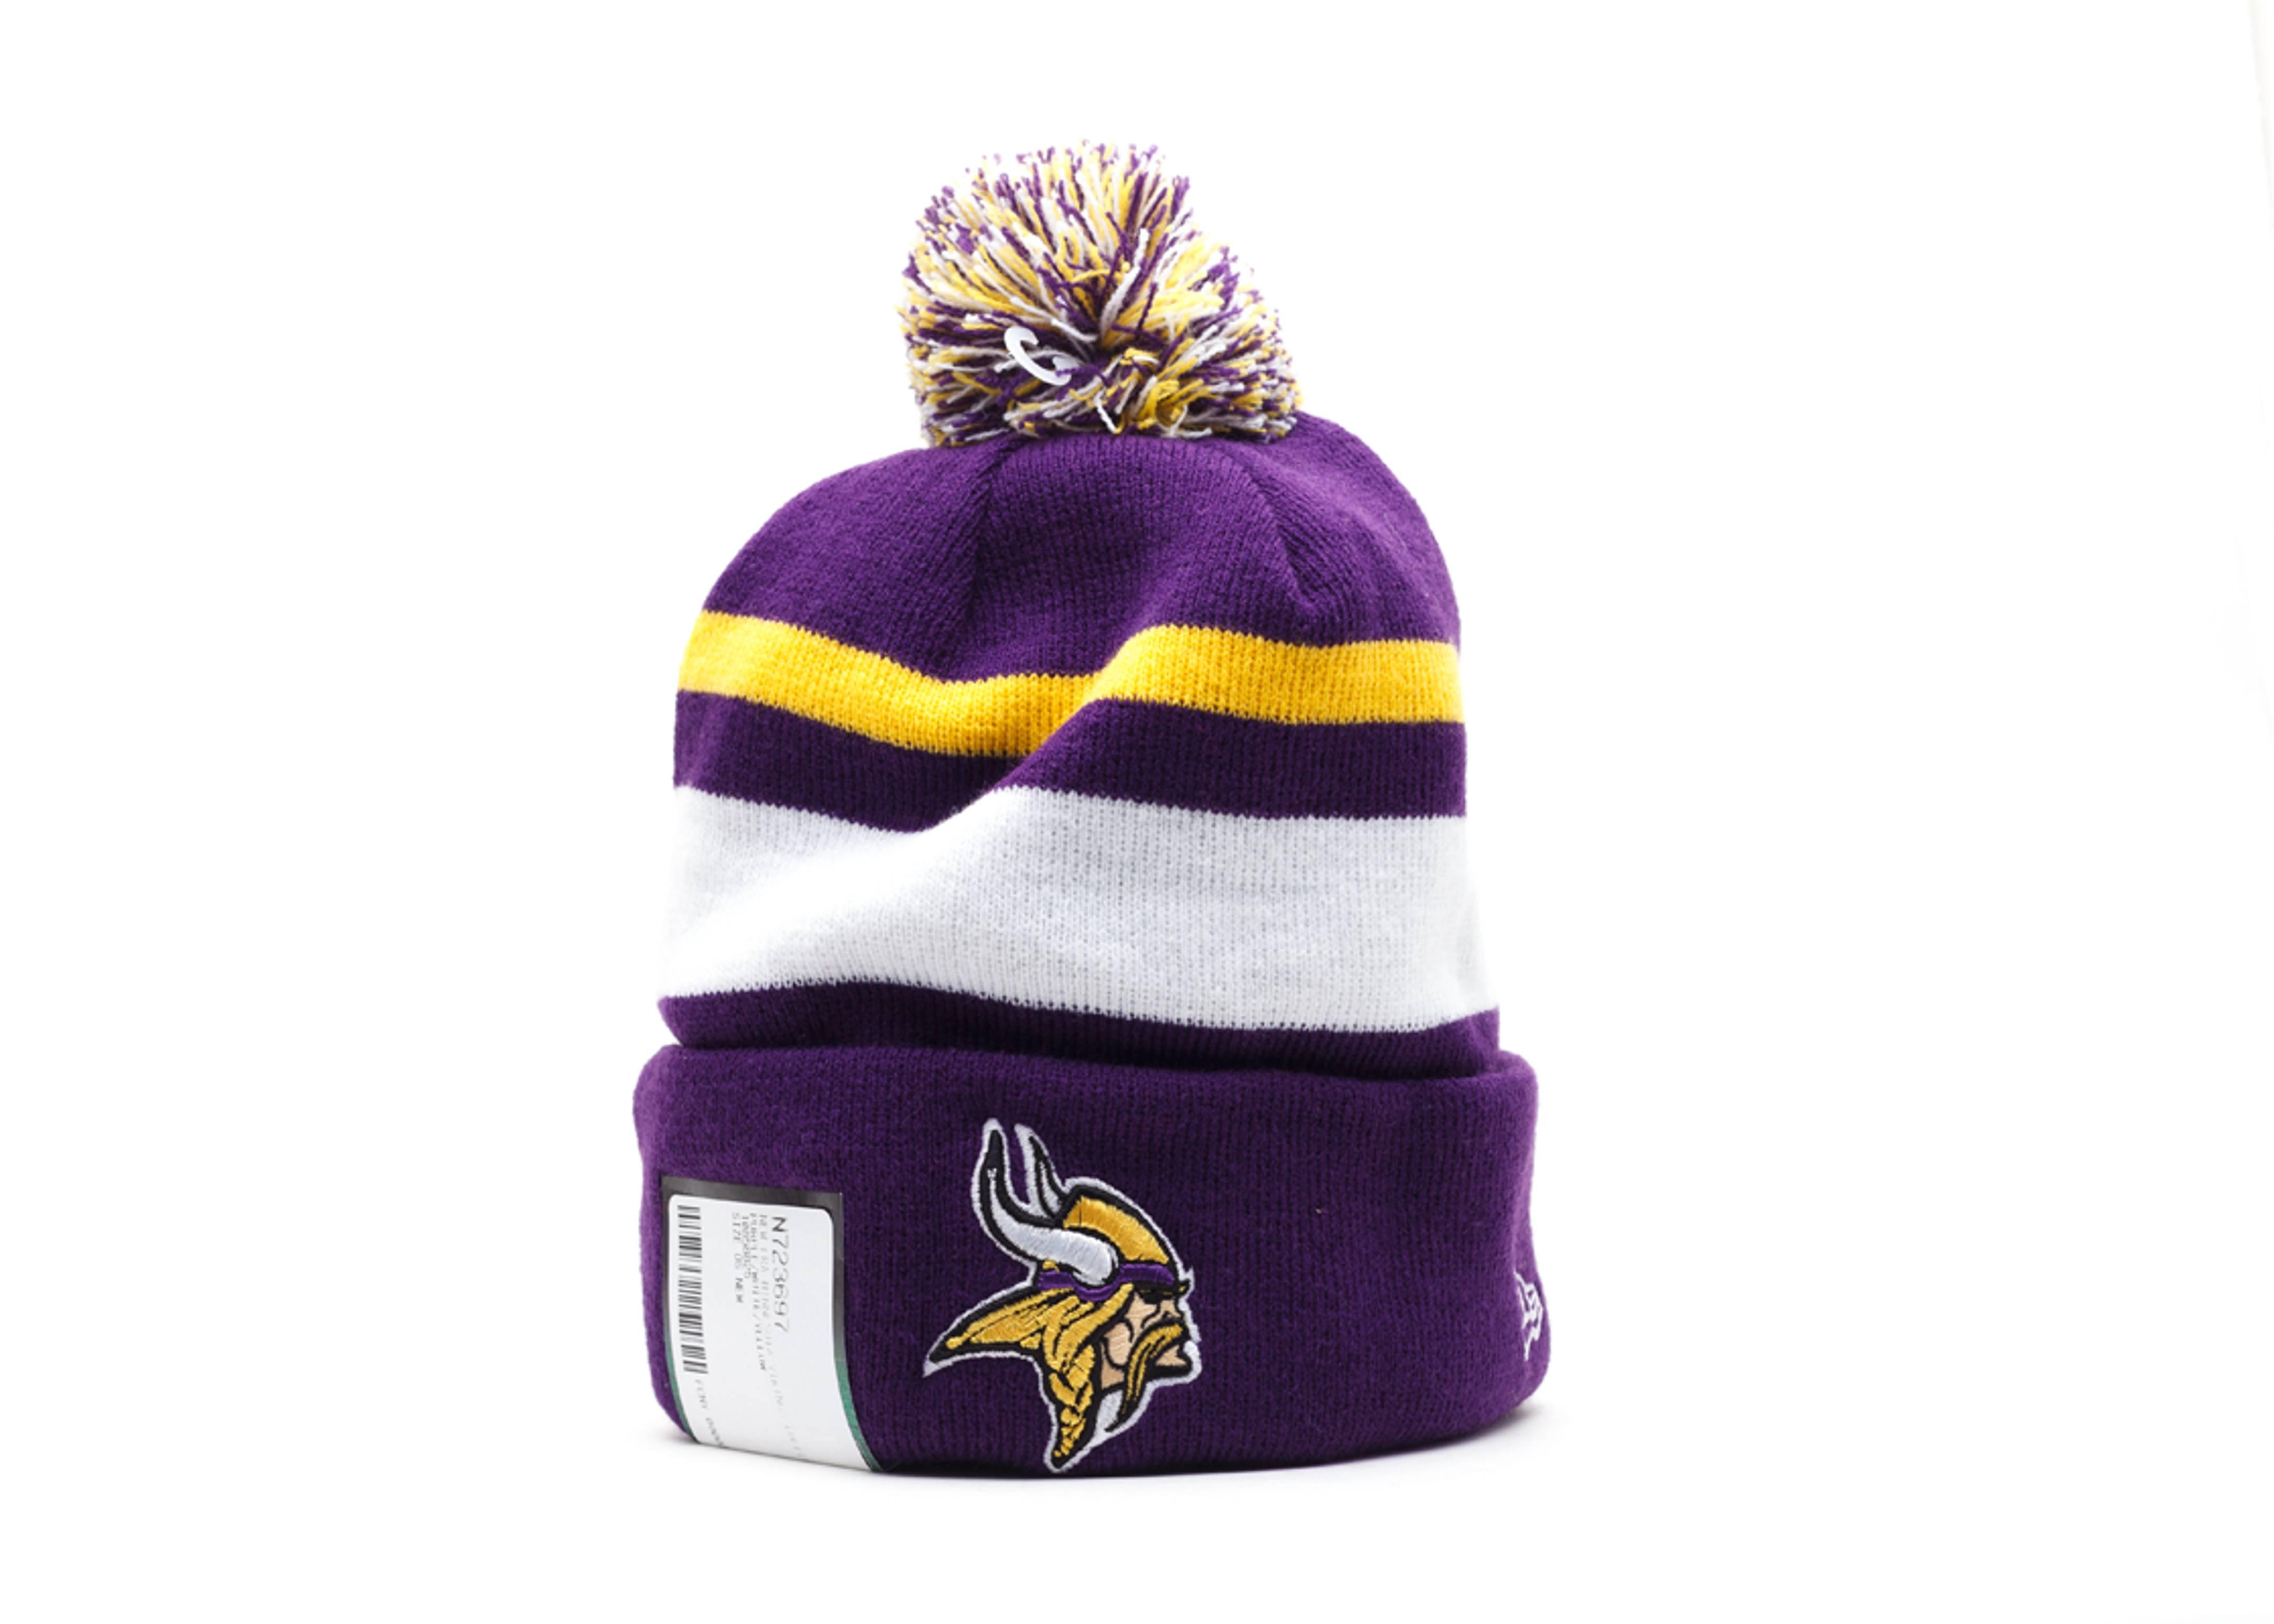 1ed40170b Minnesota Vikings Cuffed Pom Beanie - New Era - 10858825 - purple ...